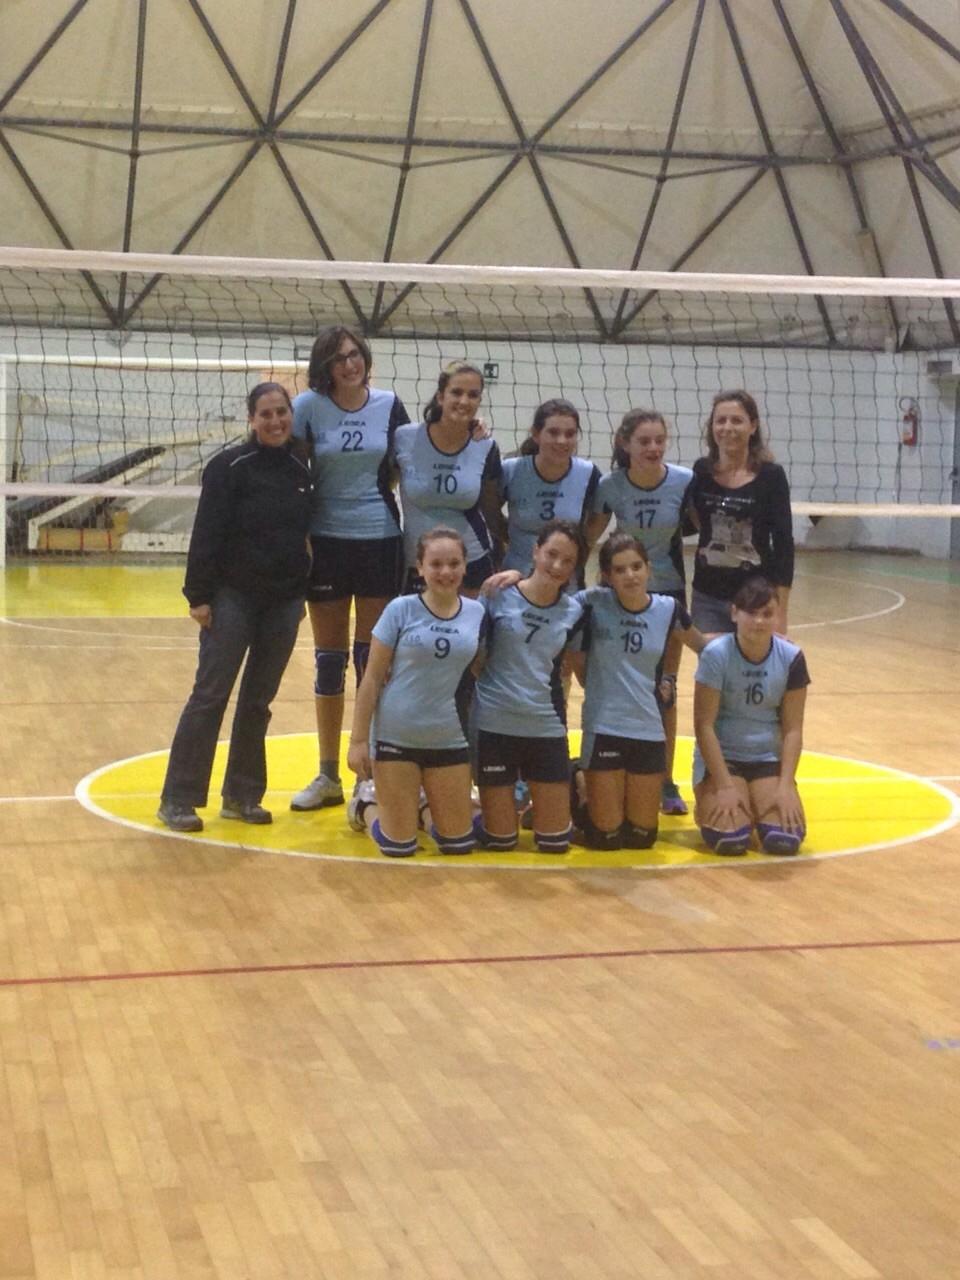 Volley: La Twister Capri perde 3 set a 1 in una partita combattutissima contro la Re Sole Volley prima in classifica